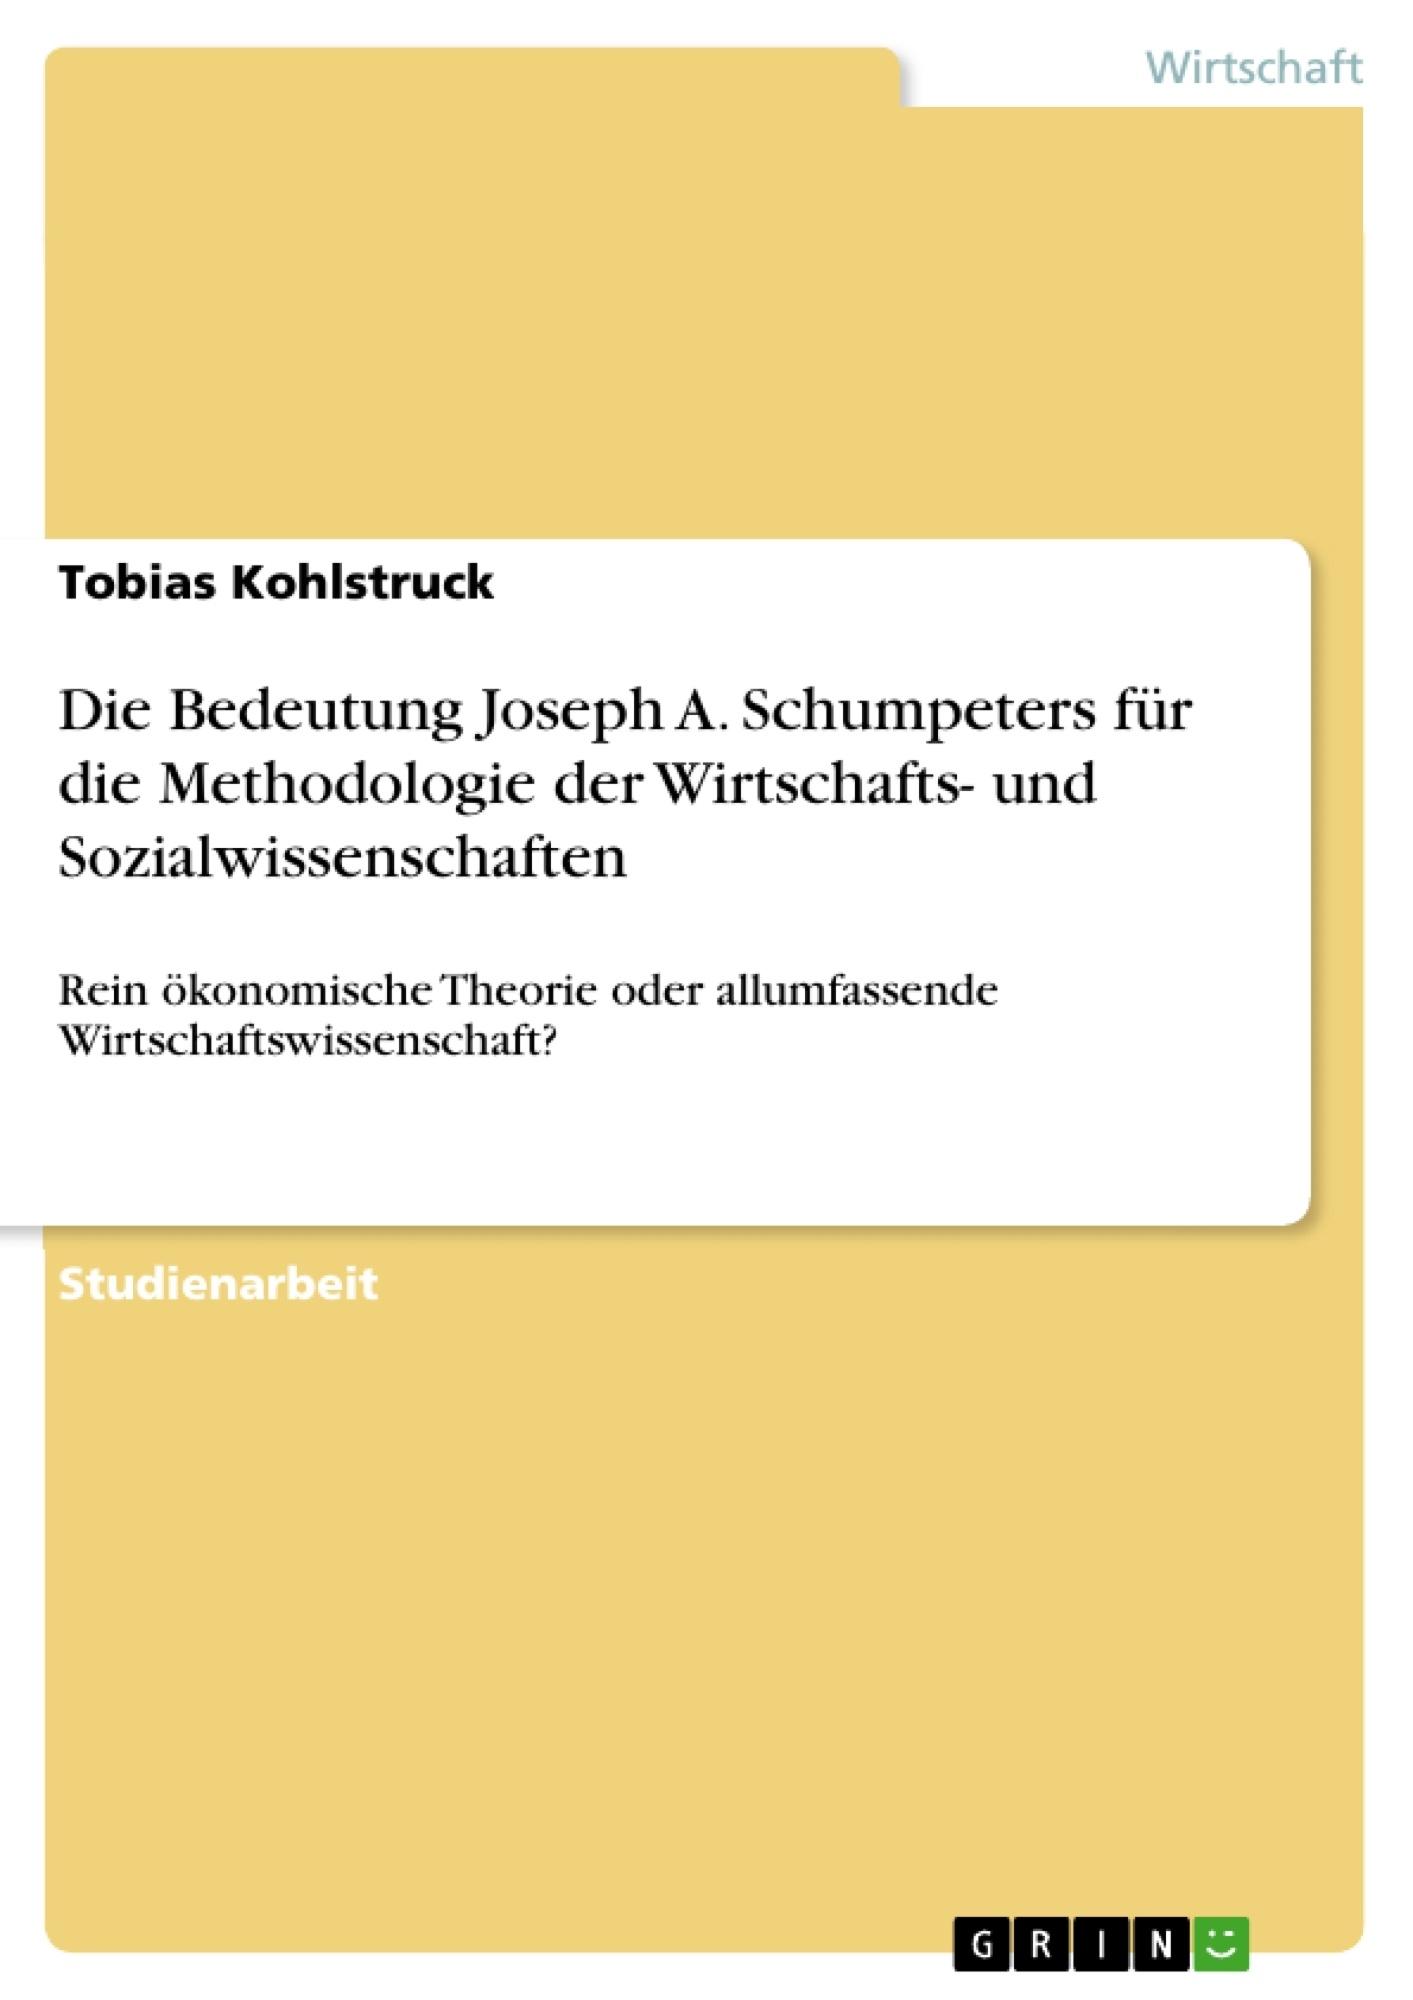 Titel: Die Bedeutung Joseph A. Schumpeters für die Methodologie der Wirtschafts- und Sozialwissenschaften